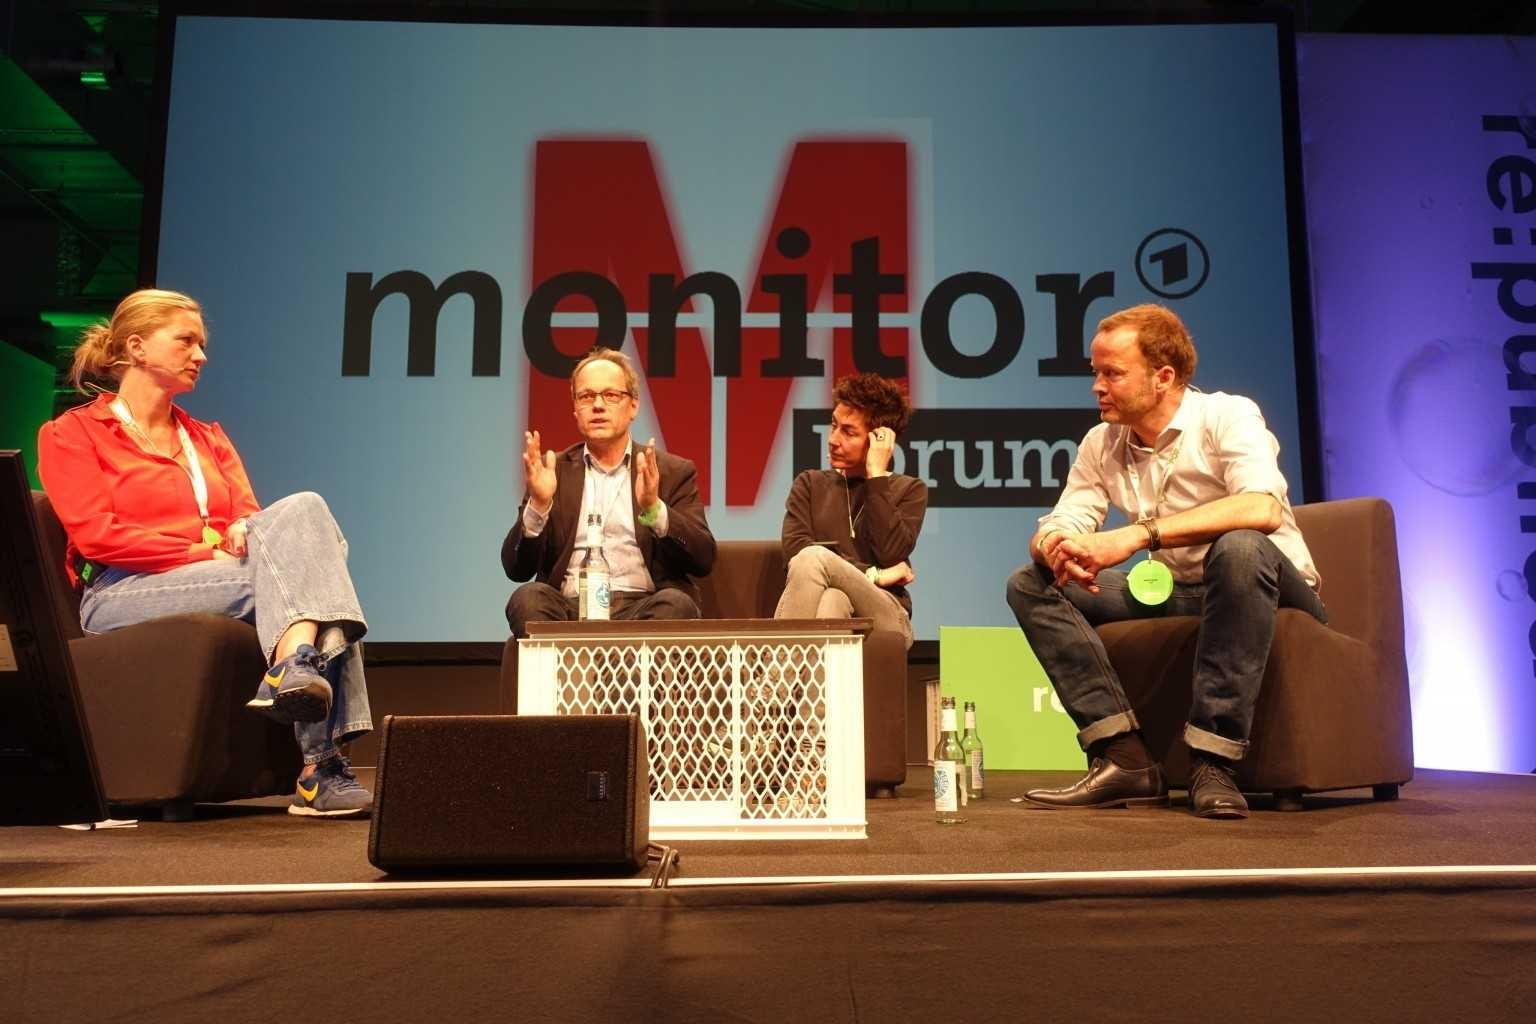 Über Journalismus im Netz diskutierten Silke Burmester, Kai Gniffke, Dunja Hayali und Georg Restle (v. l. n. r.).